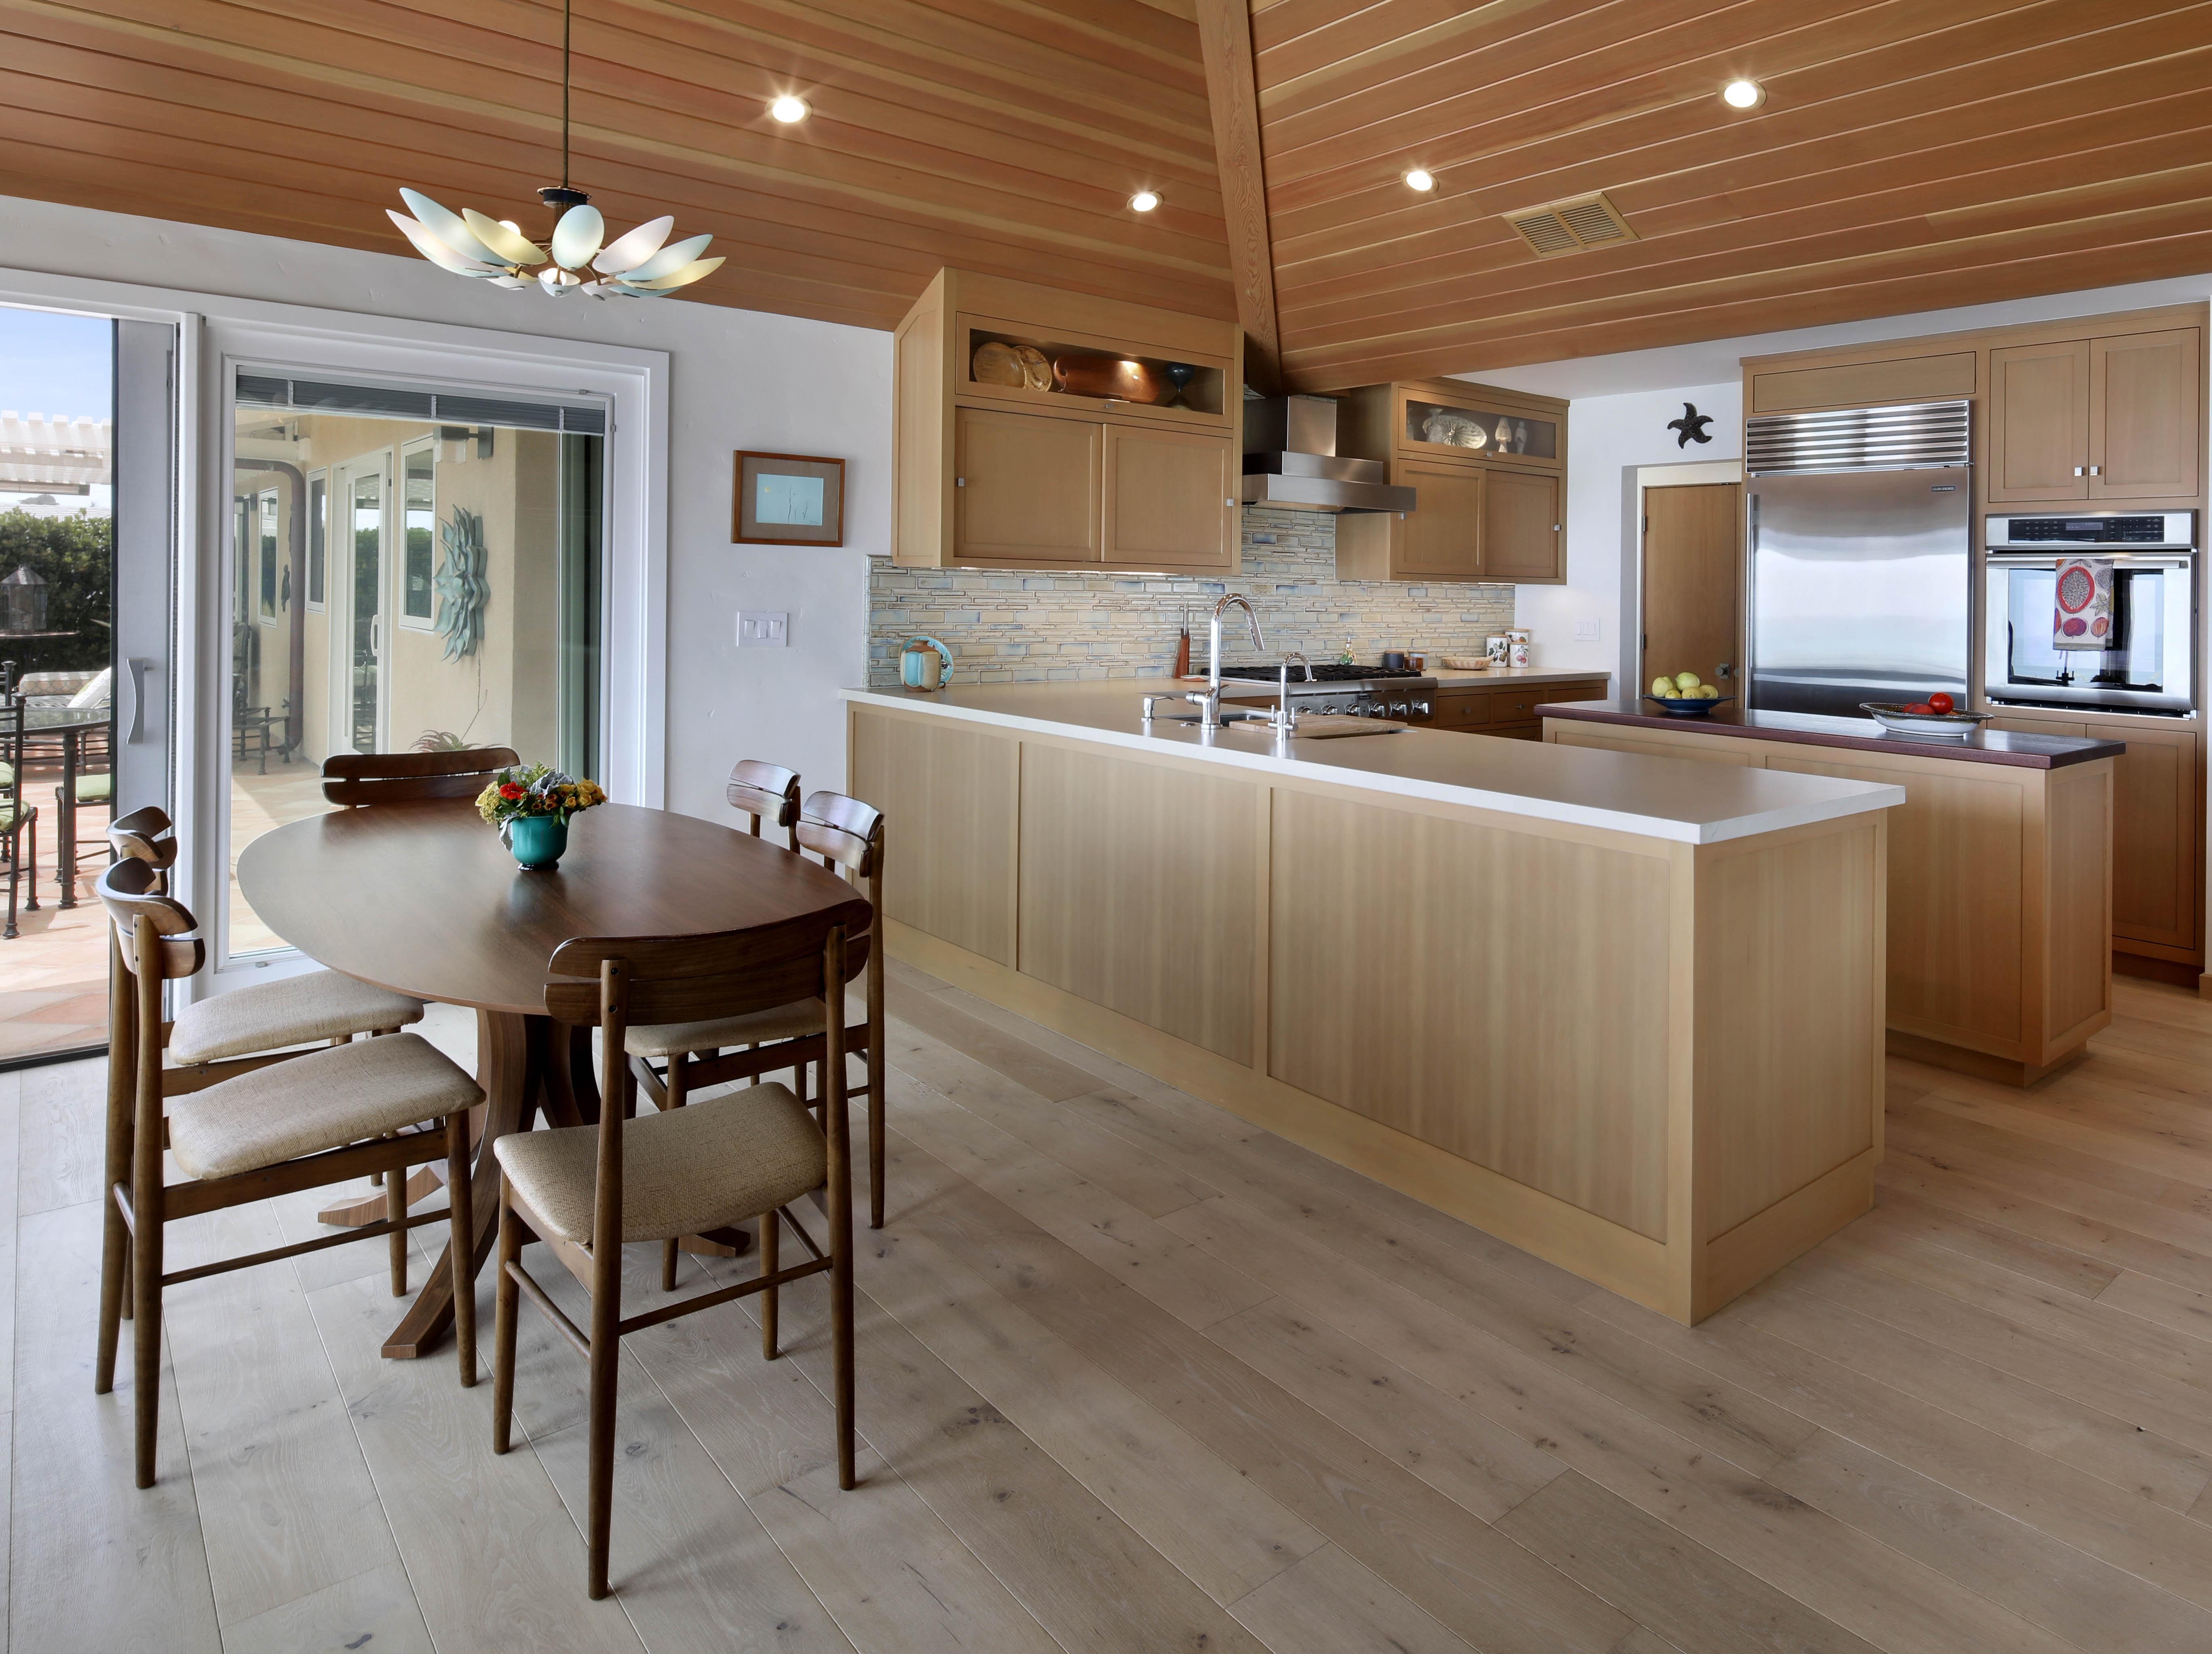 Orange County San Clemente Interior Design Kitchen & Dining